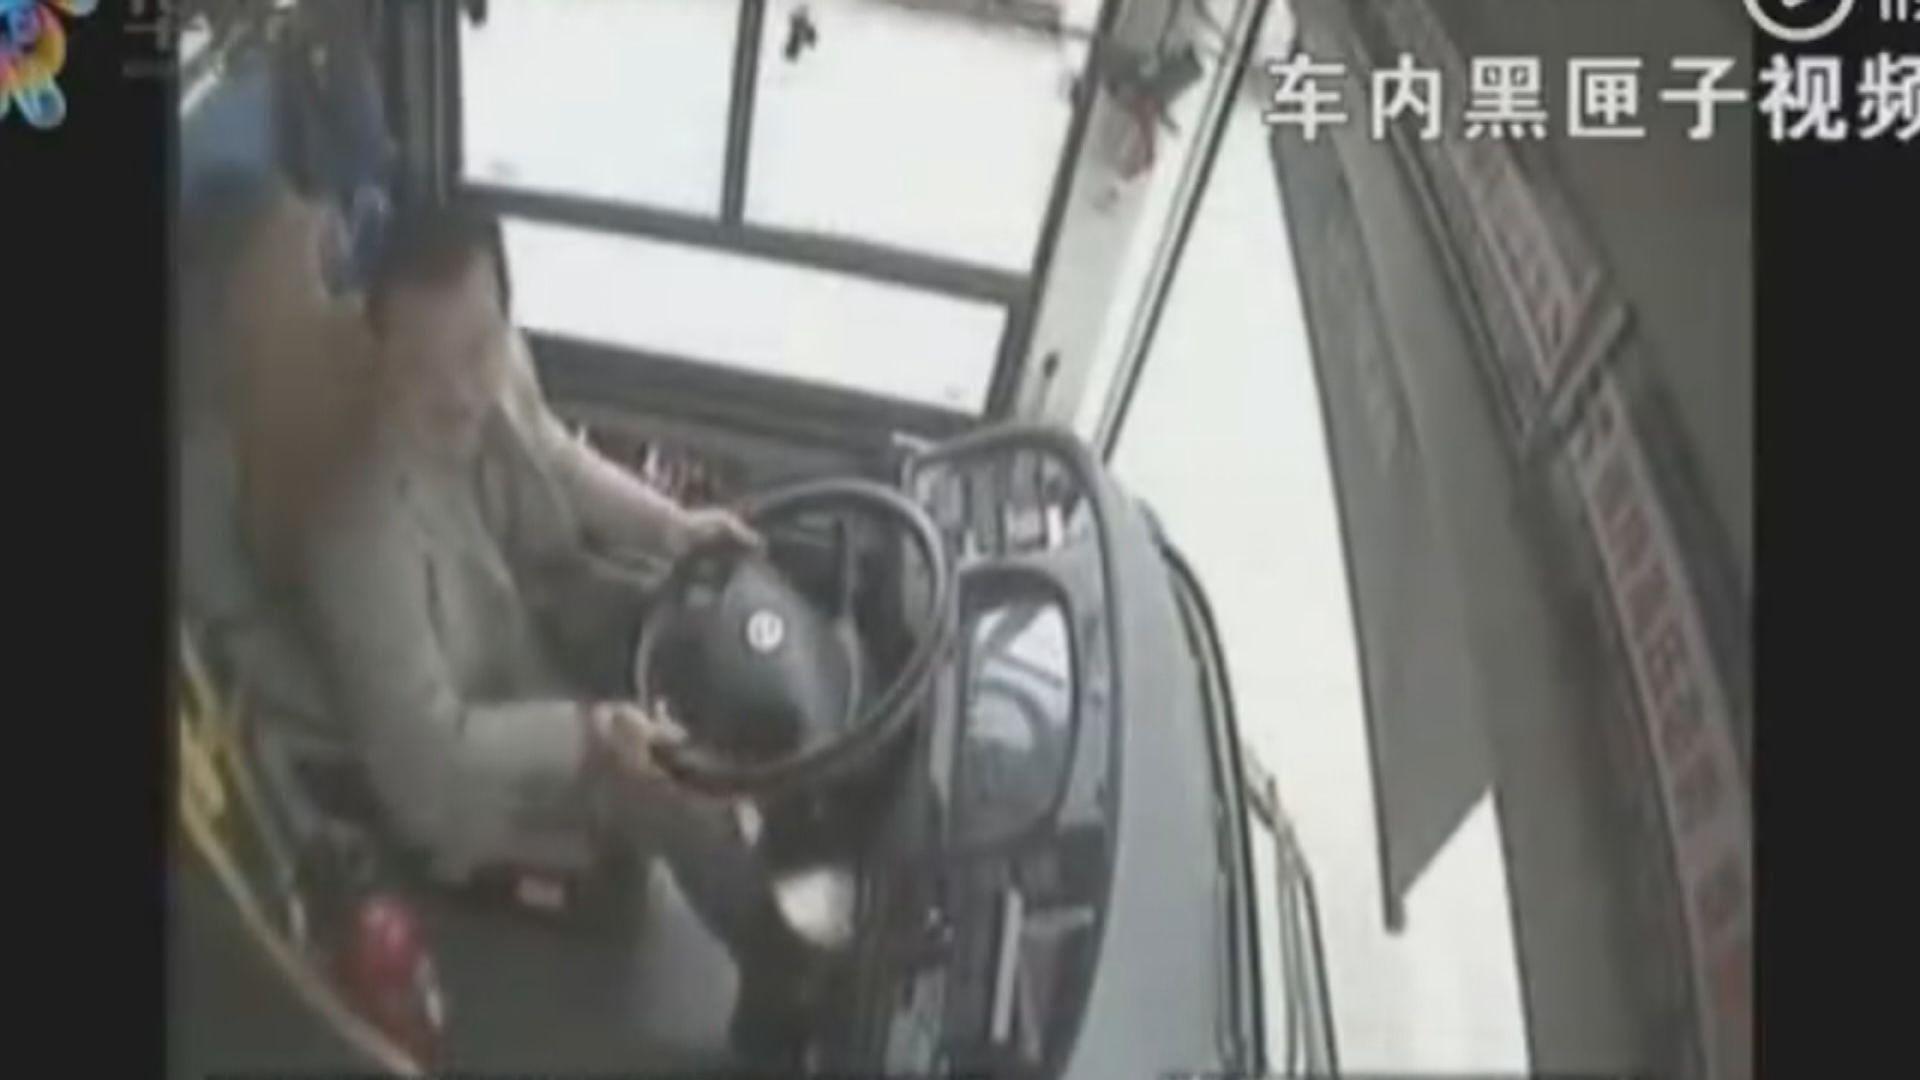 重慶巴士墮江原因涉司機乘客爭執